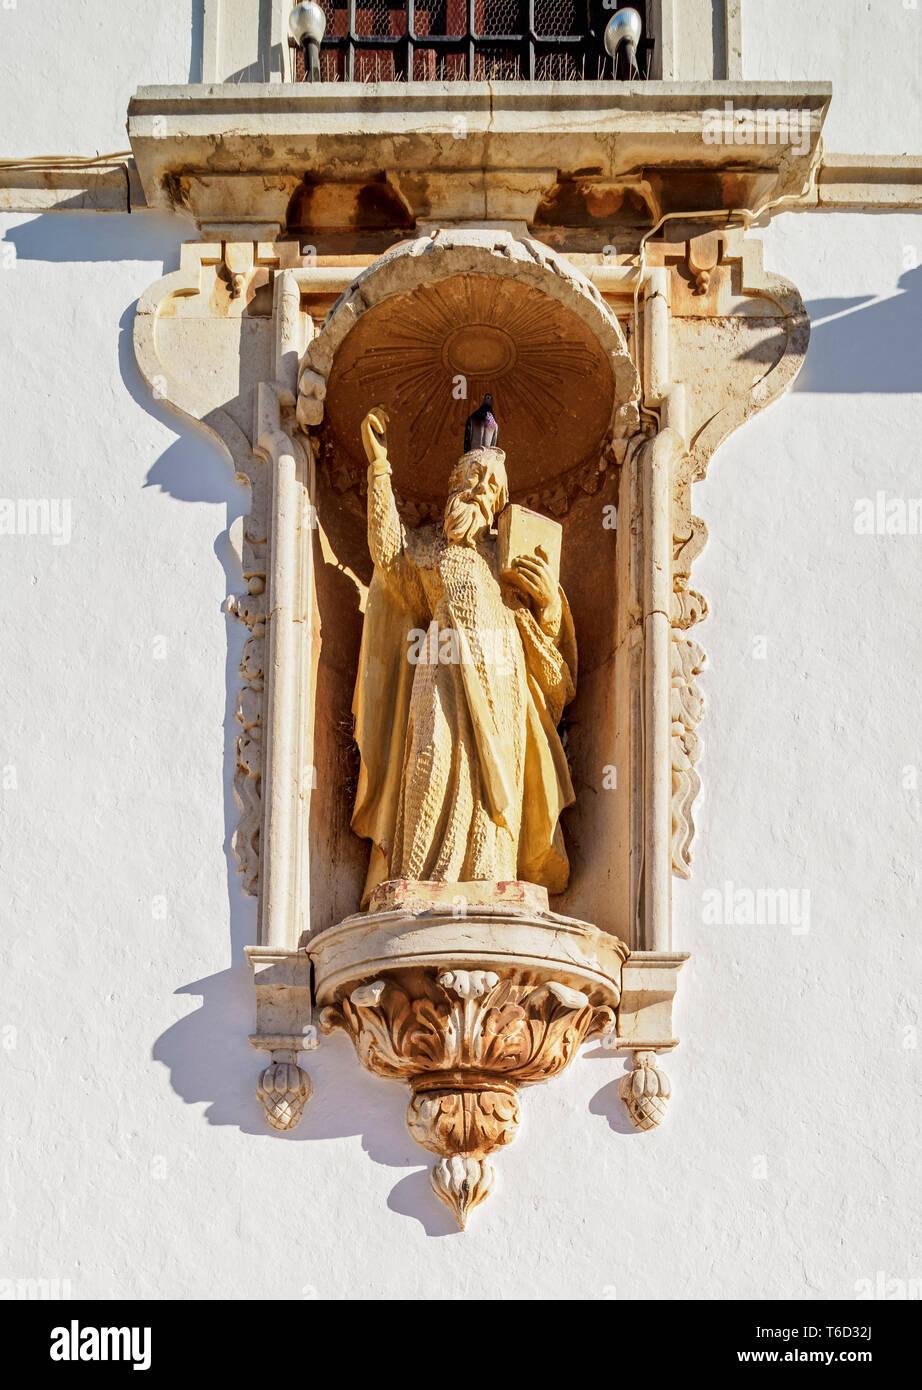 Eglise do Carmo, affichage détaillé, Largo do Carmo, Faro, Algarve, Portugal Banque D'Images